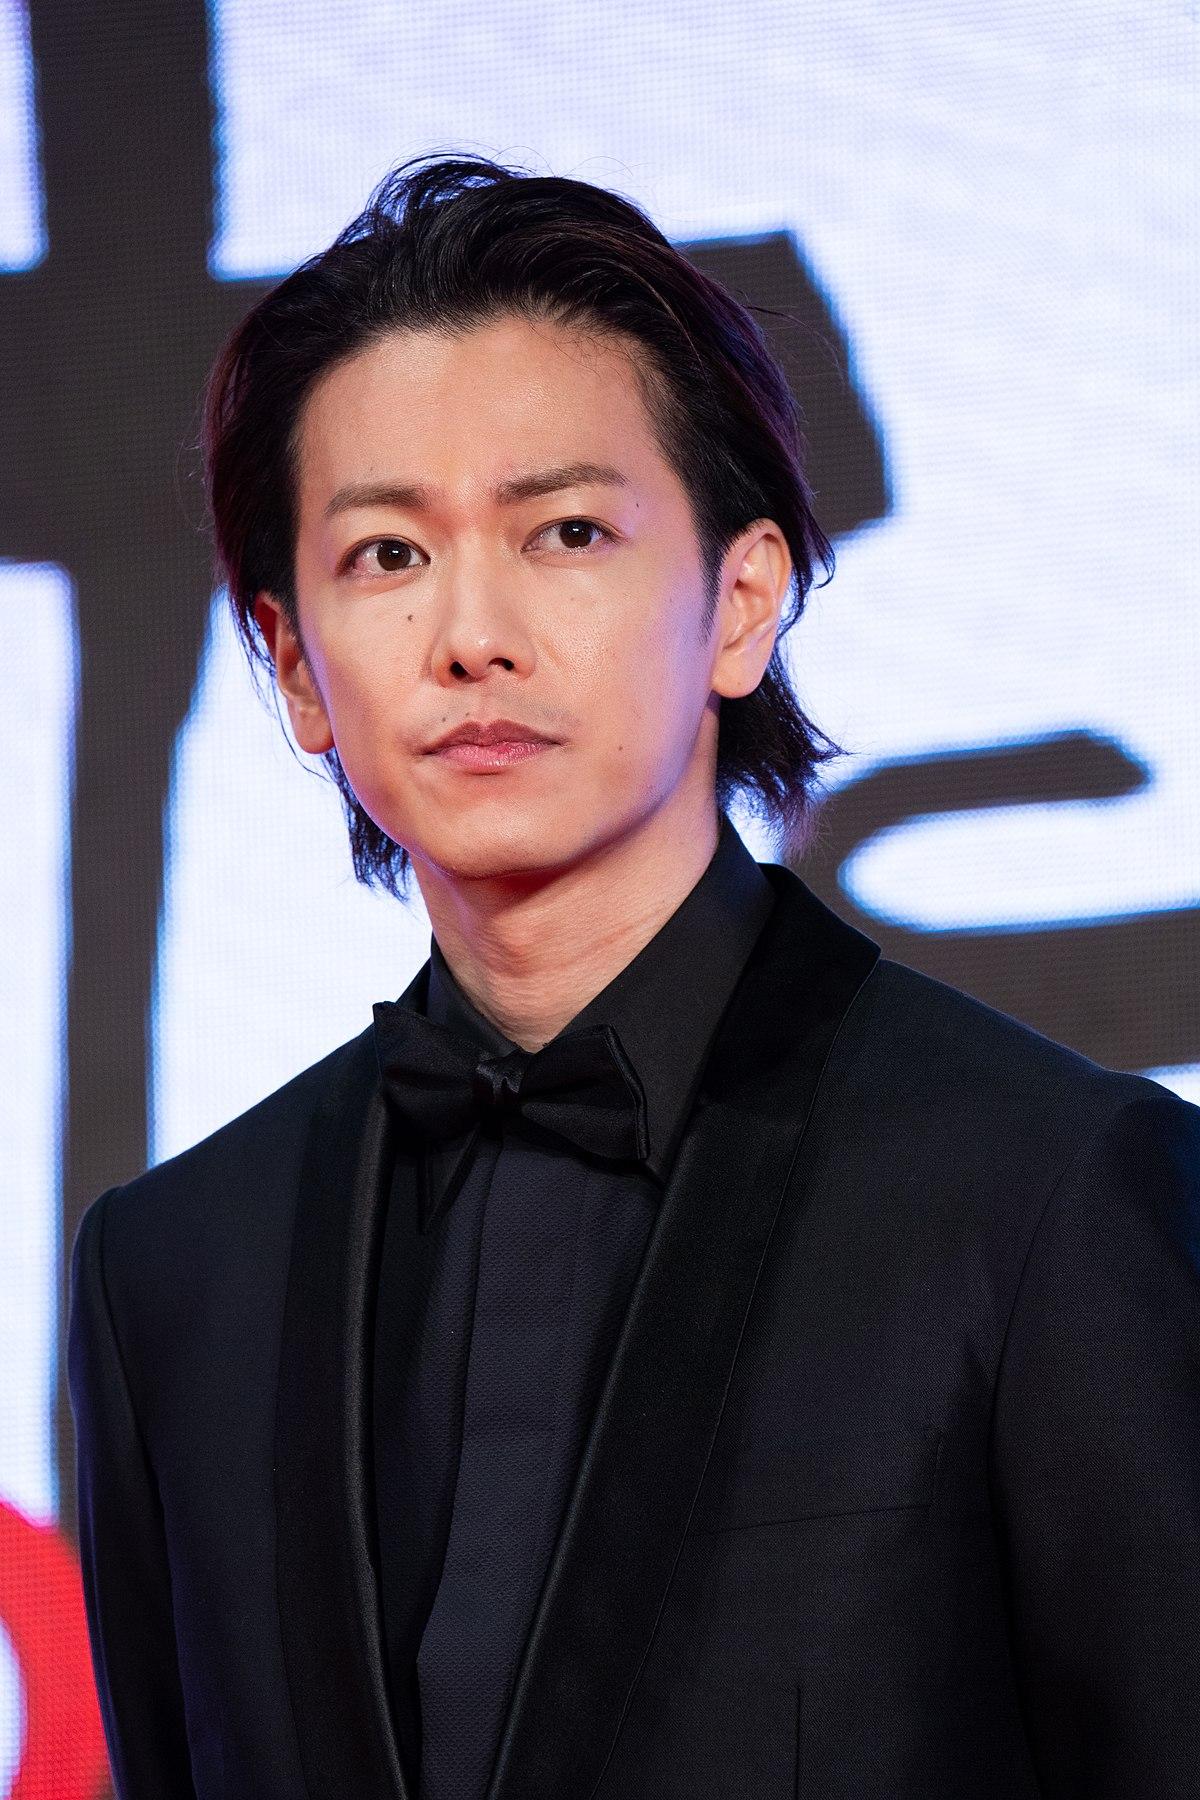 佐藤健 (俳優) - Wikipedia